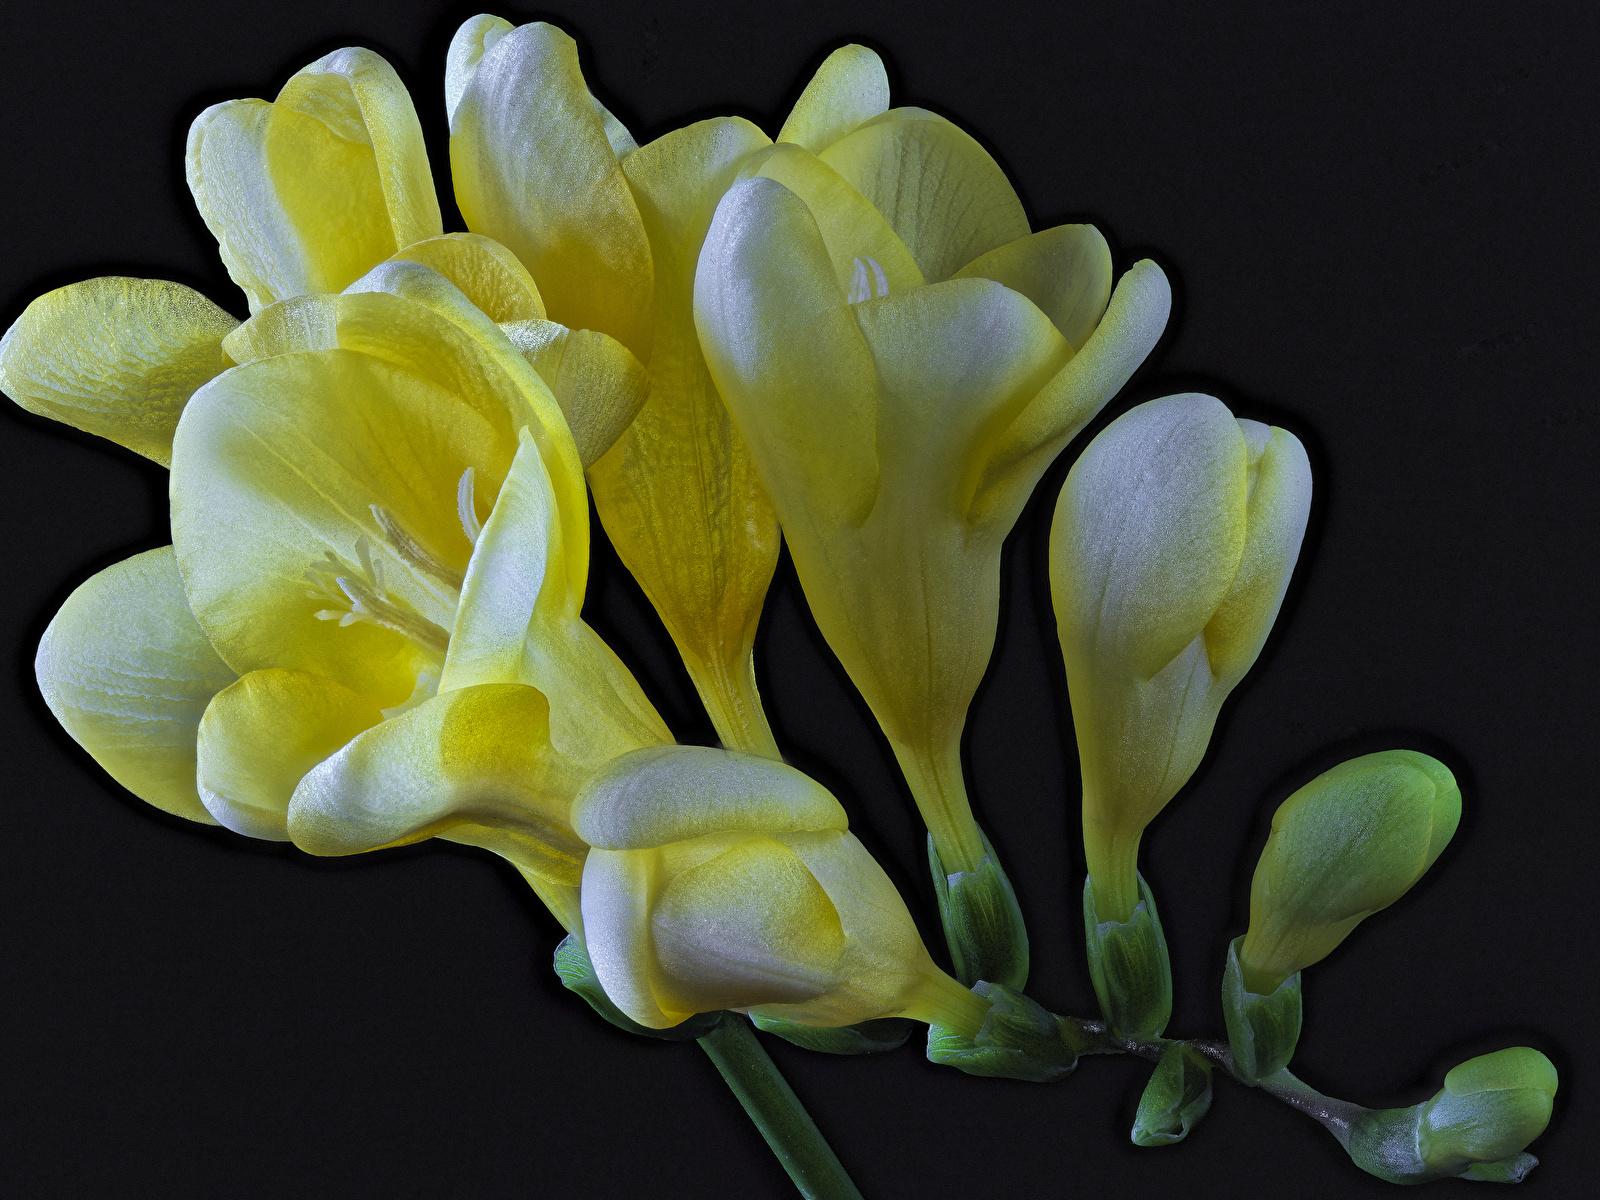 Обои для рабочего стола Желтый Цветы Фрезия вблизи на черном фоне 1600x1200 желтых желтые желтая цветок Черный фон Крупным планом